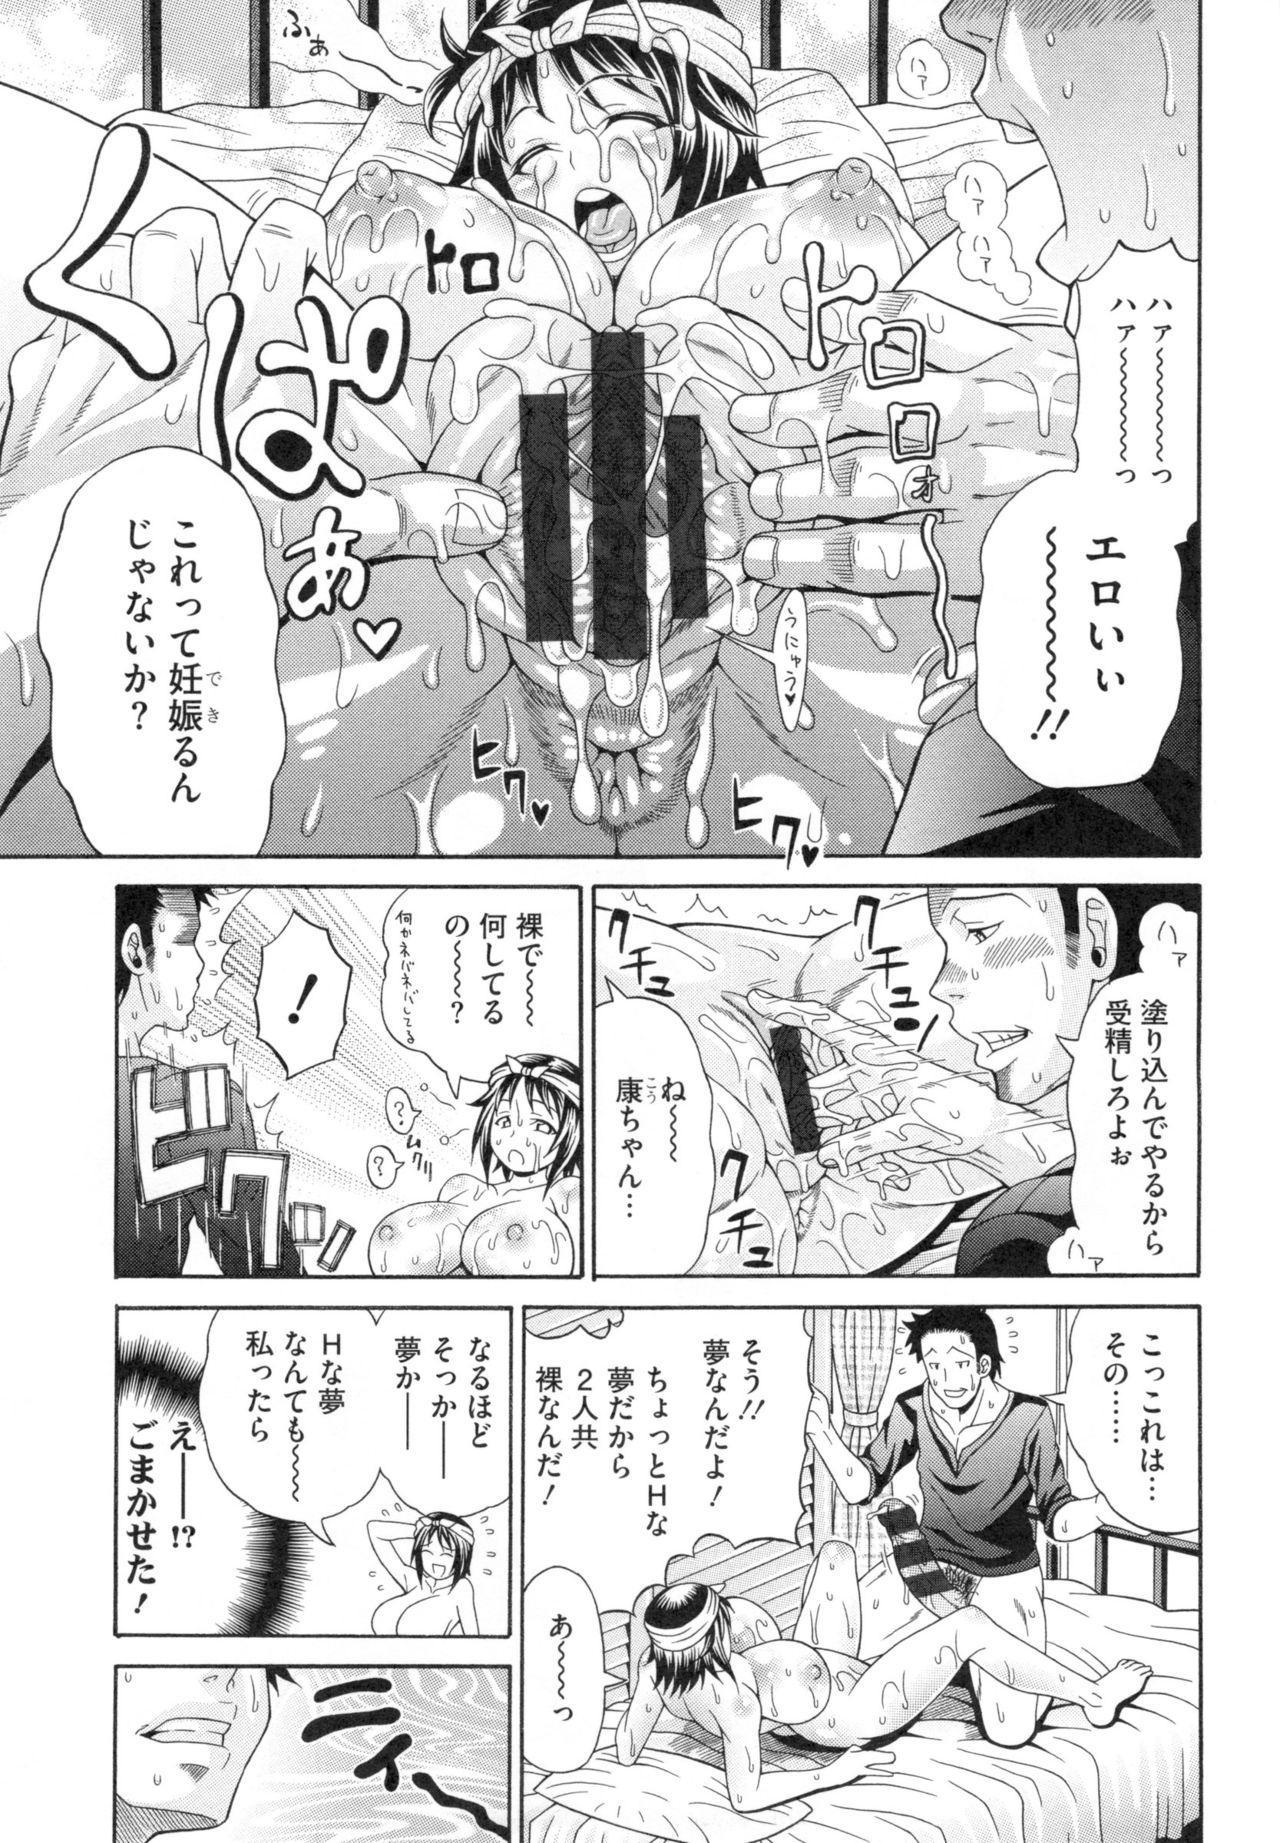 [Andou Hiroyuki] Pakopako Bitch ~Megamori! Mashimashi! Dosukebe Niku~ + Toranoana Leaflet 67